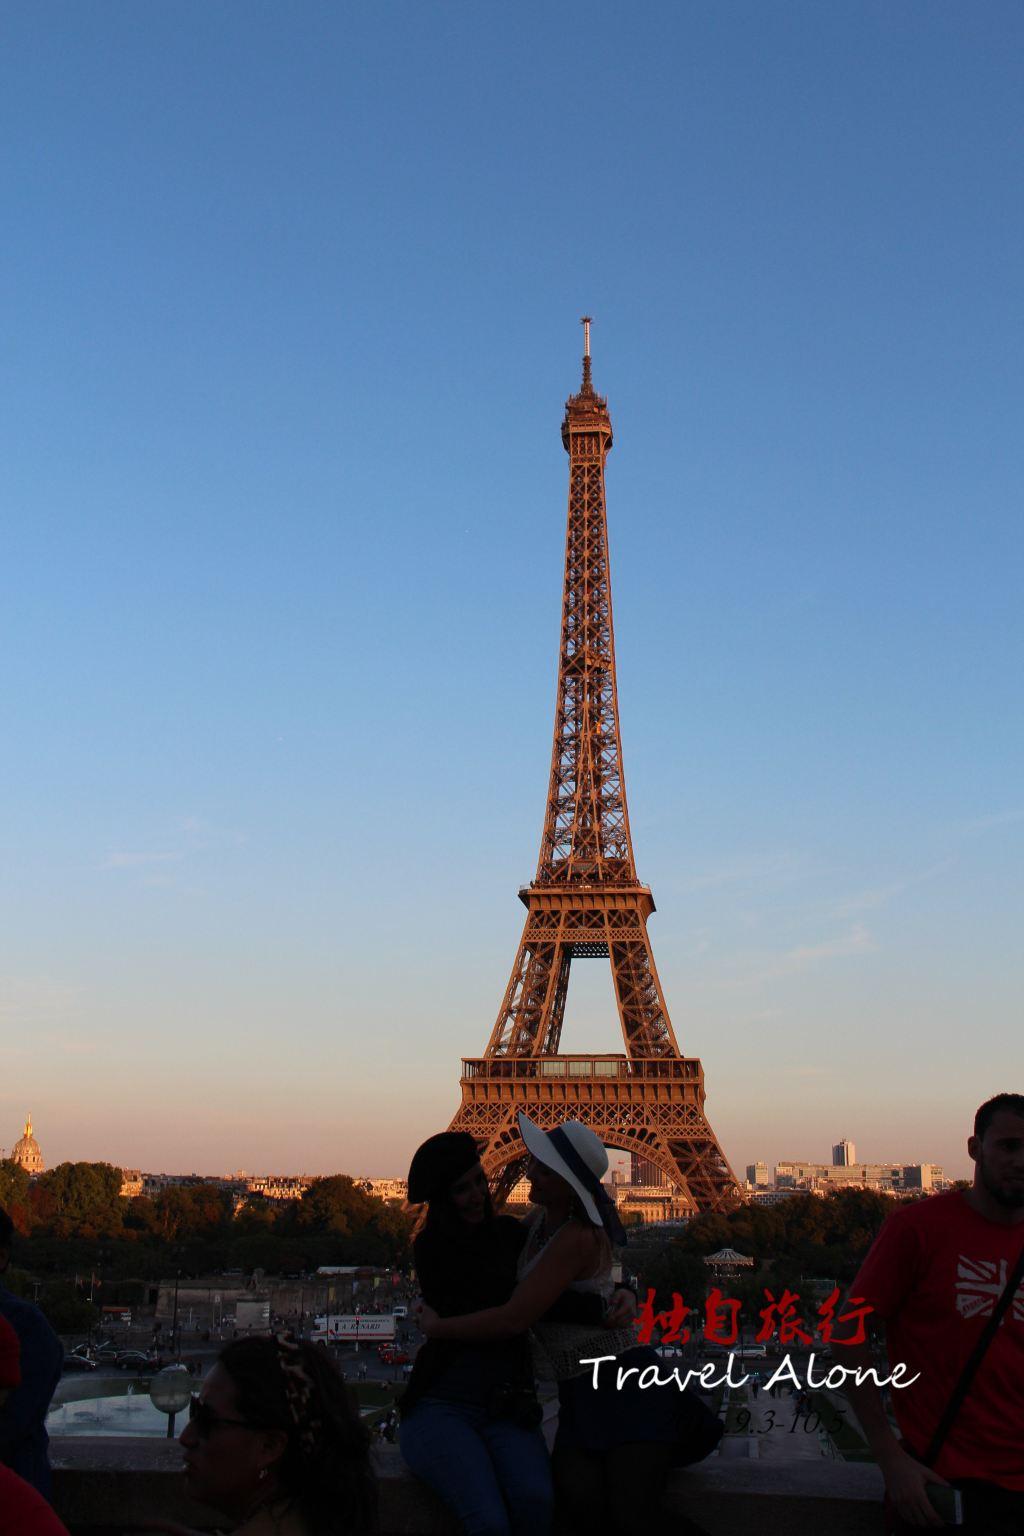 1887年1月28日,埃菲尔铁塔工程正式破土动工,2月14日,巴黎的文学艺术建筑界的精英参与抗议,抗议的内容是反对修建巴黎铁塔,其中包括法国著名 文学家莫泊桑、小仲马等300人著名人士签订了《反对修建巴黎铁塔》的抗议书,名人科抗议引发了群众的请愿:巴黎铁塔如同一个巨大的黑色的工厂烟囱,耸立 在巴黎的上空。这个庞然大物将会掩盖巴黎圣母院、卢浮宫、凯旋门等著名的建筑物。这根由钢铁铆接起来的丑陋的柱子,将会给这座有着数百年气息的古城投下令 人厌恶的影子。